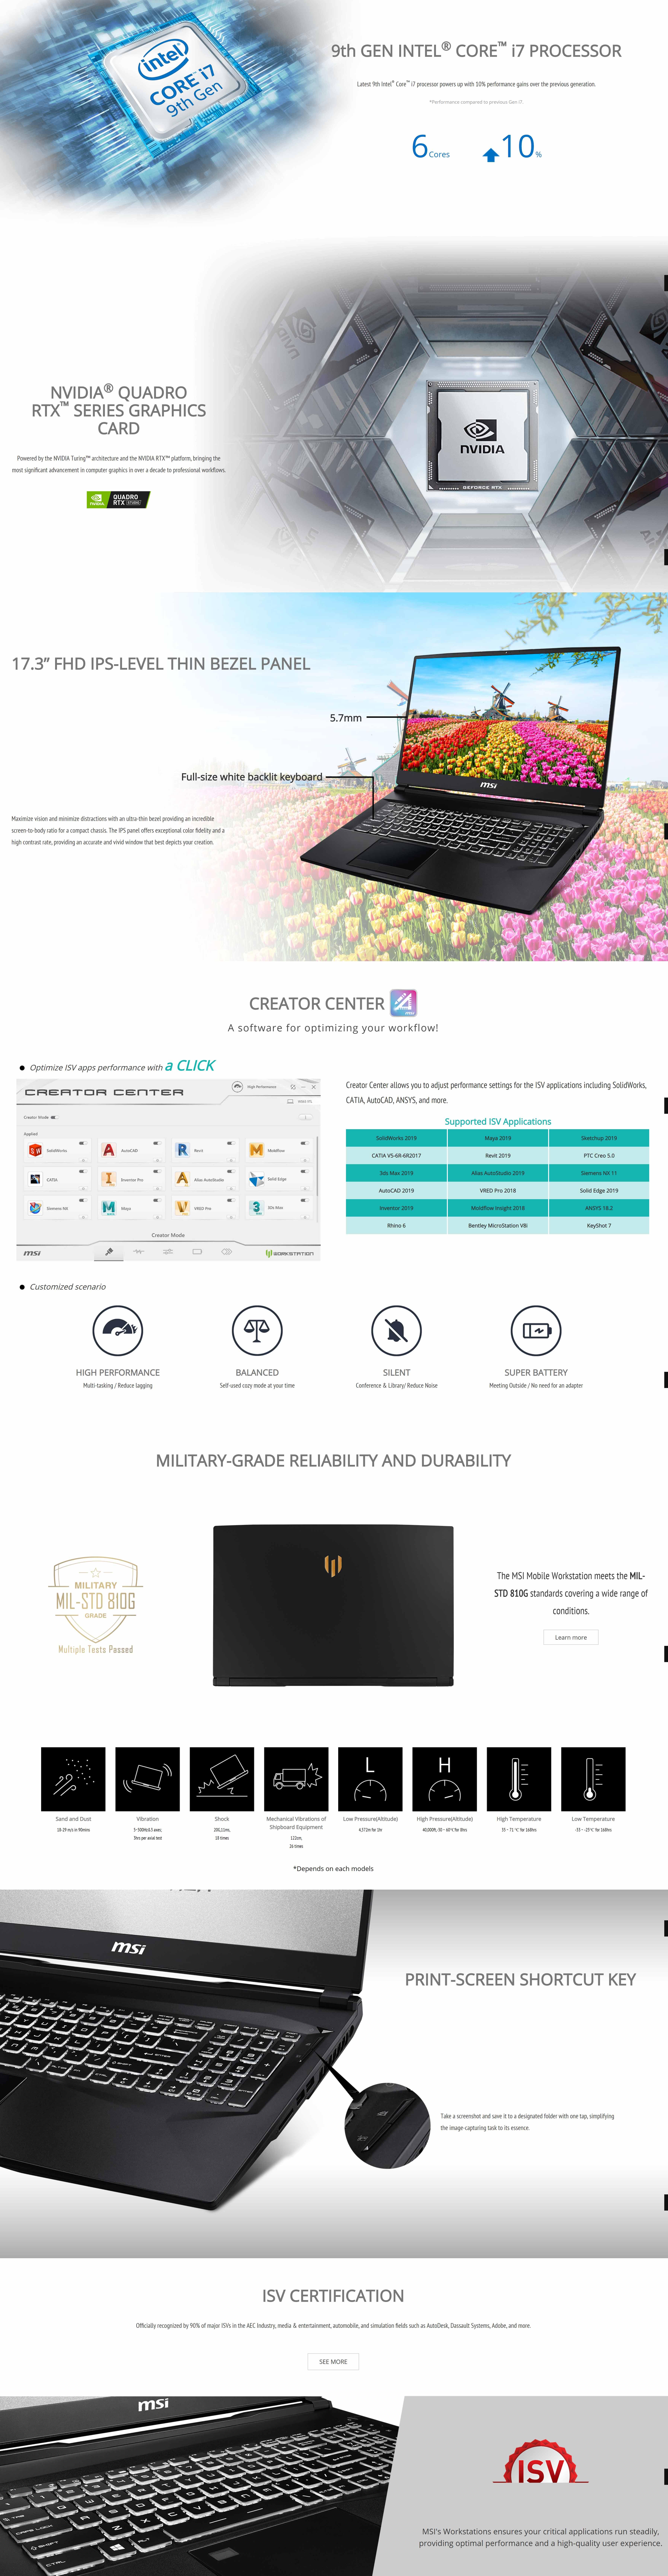 screencapture-msi-Workstation-WE75-Mobile-Workstation-2020-01-31-08_41_23.jpg